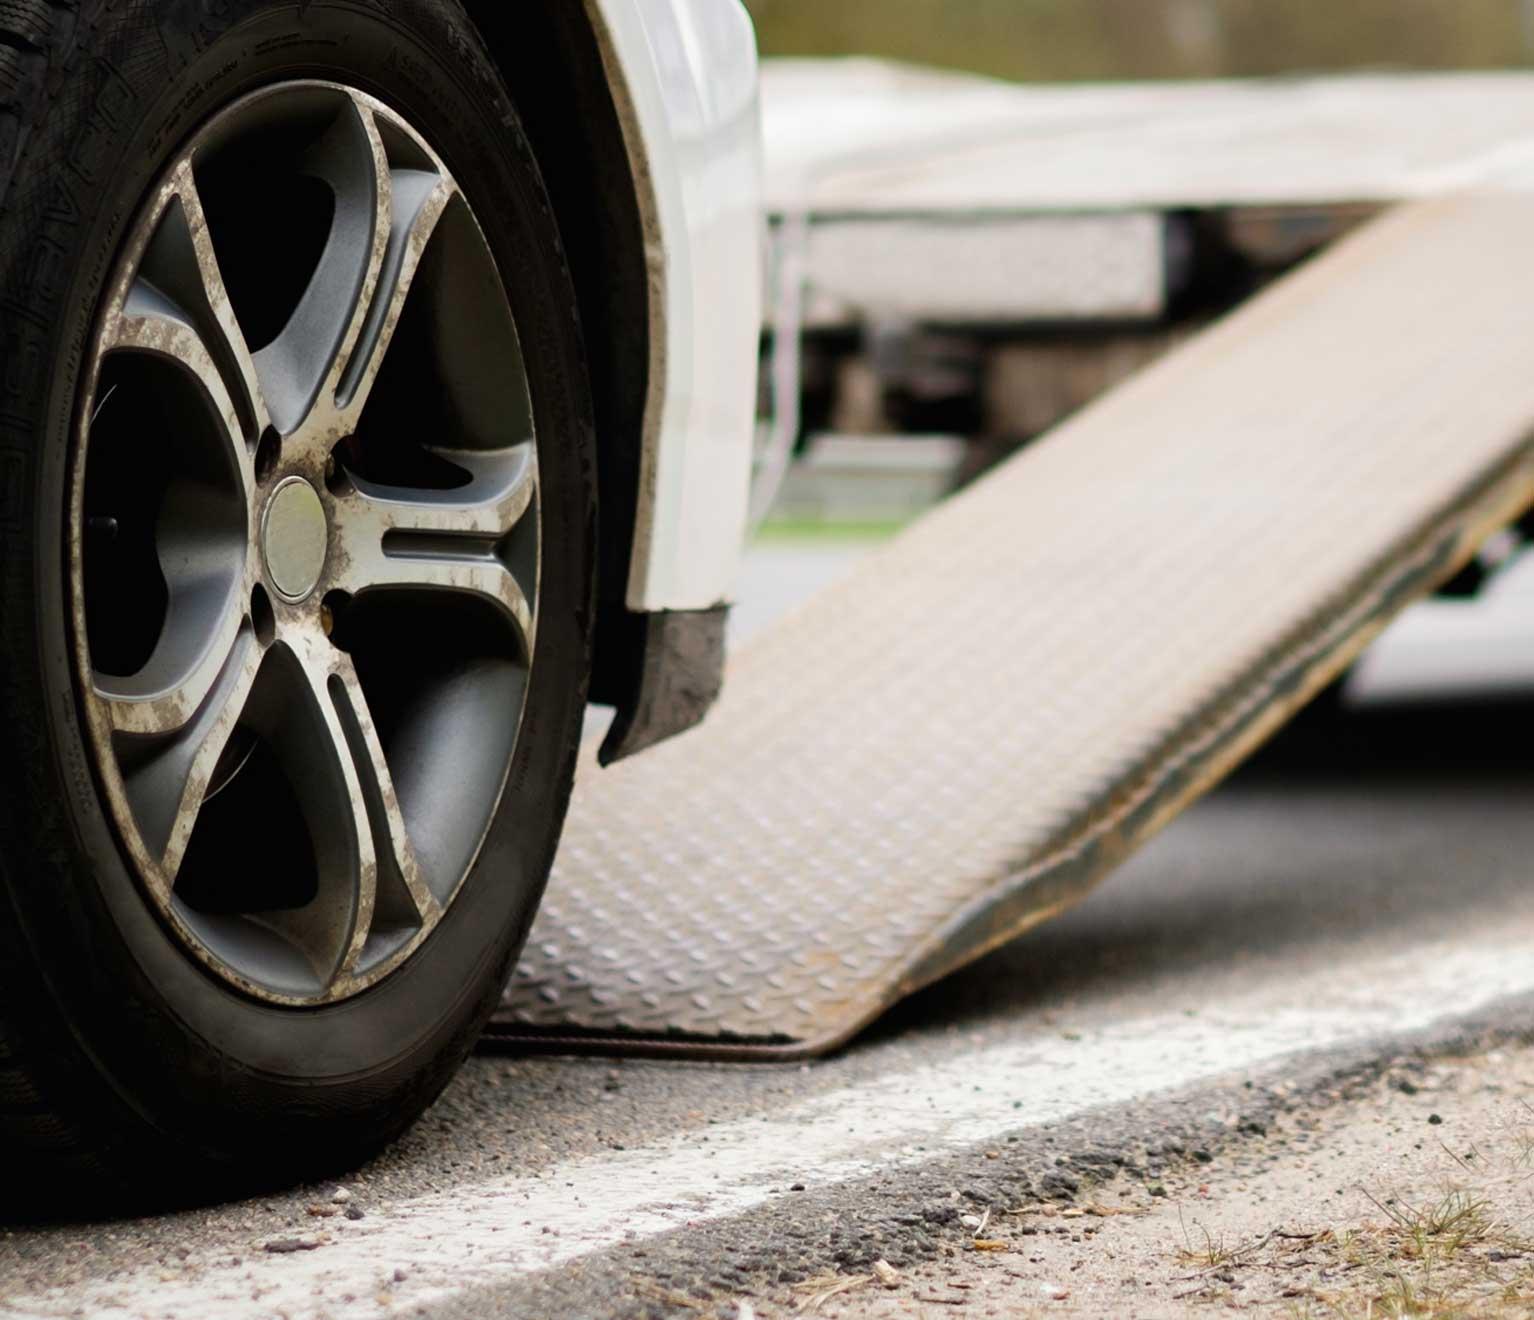 Emergency Roadside Service >> 24 7 Emergency Roadside Assistance American Family Insurance